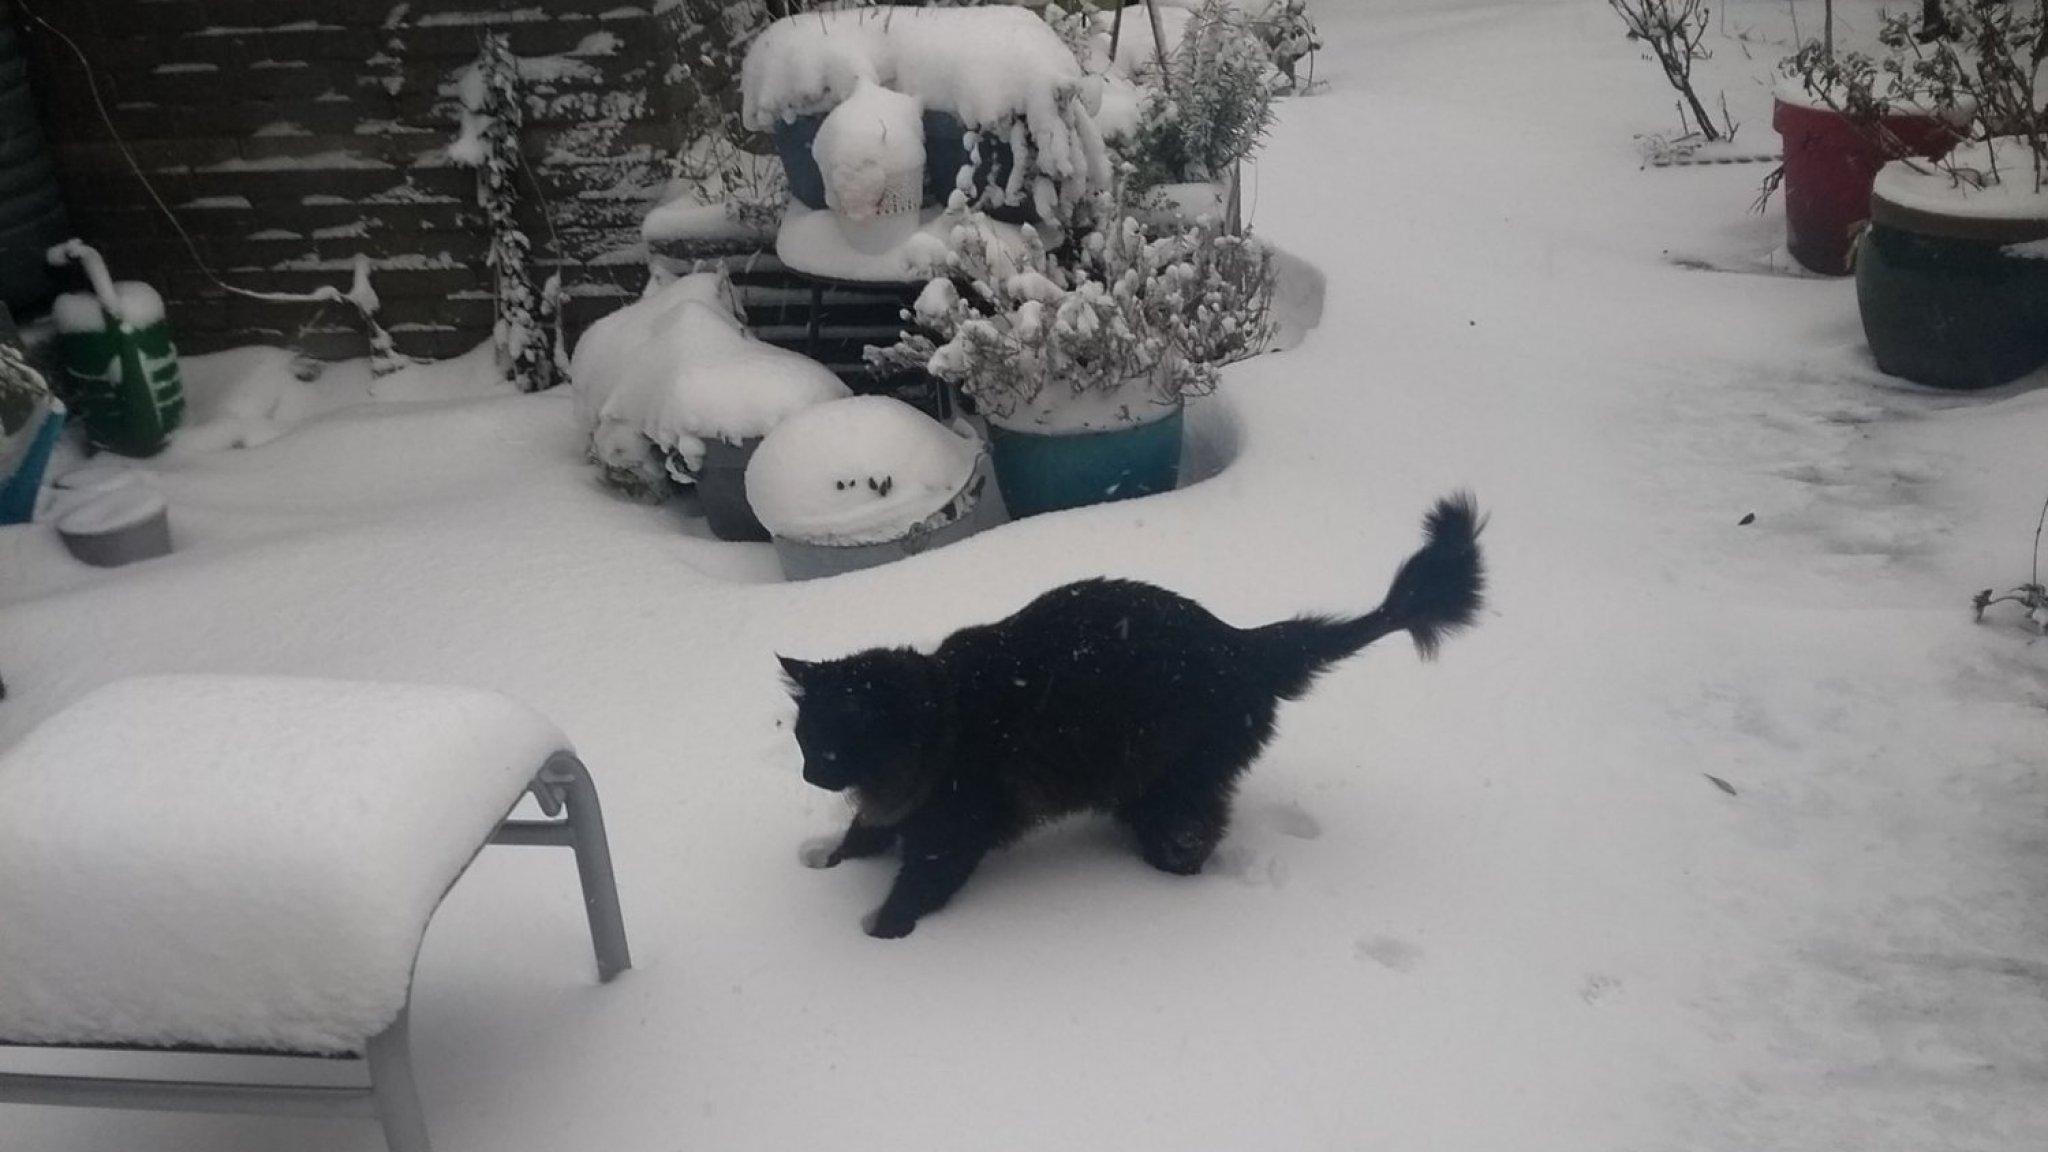 Spelen in de sneeuw werd Kwibus (3) fataal: 'Hij heeft er tien minuten van genoten' - RTL Nieuws